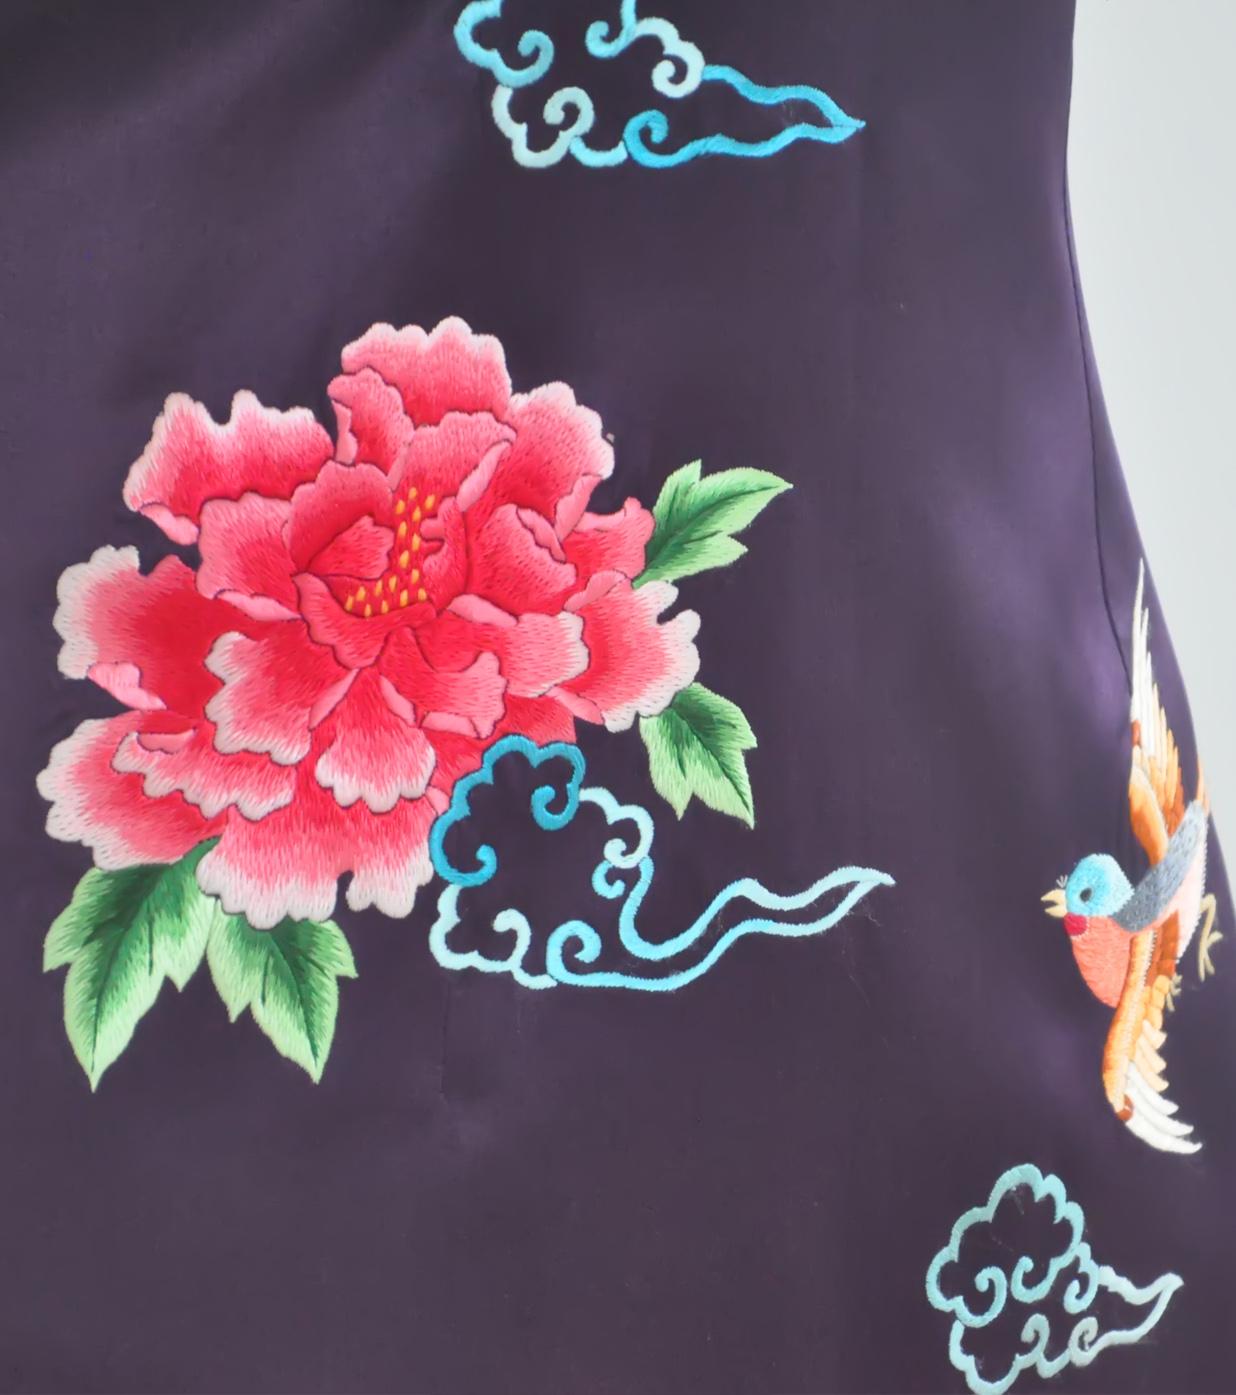 手绣花鸟纹样暗紫色素绉缎旗袍-苏绣旗袍-旗袍礼服